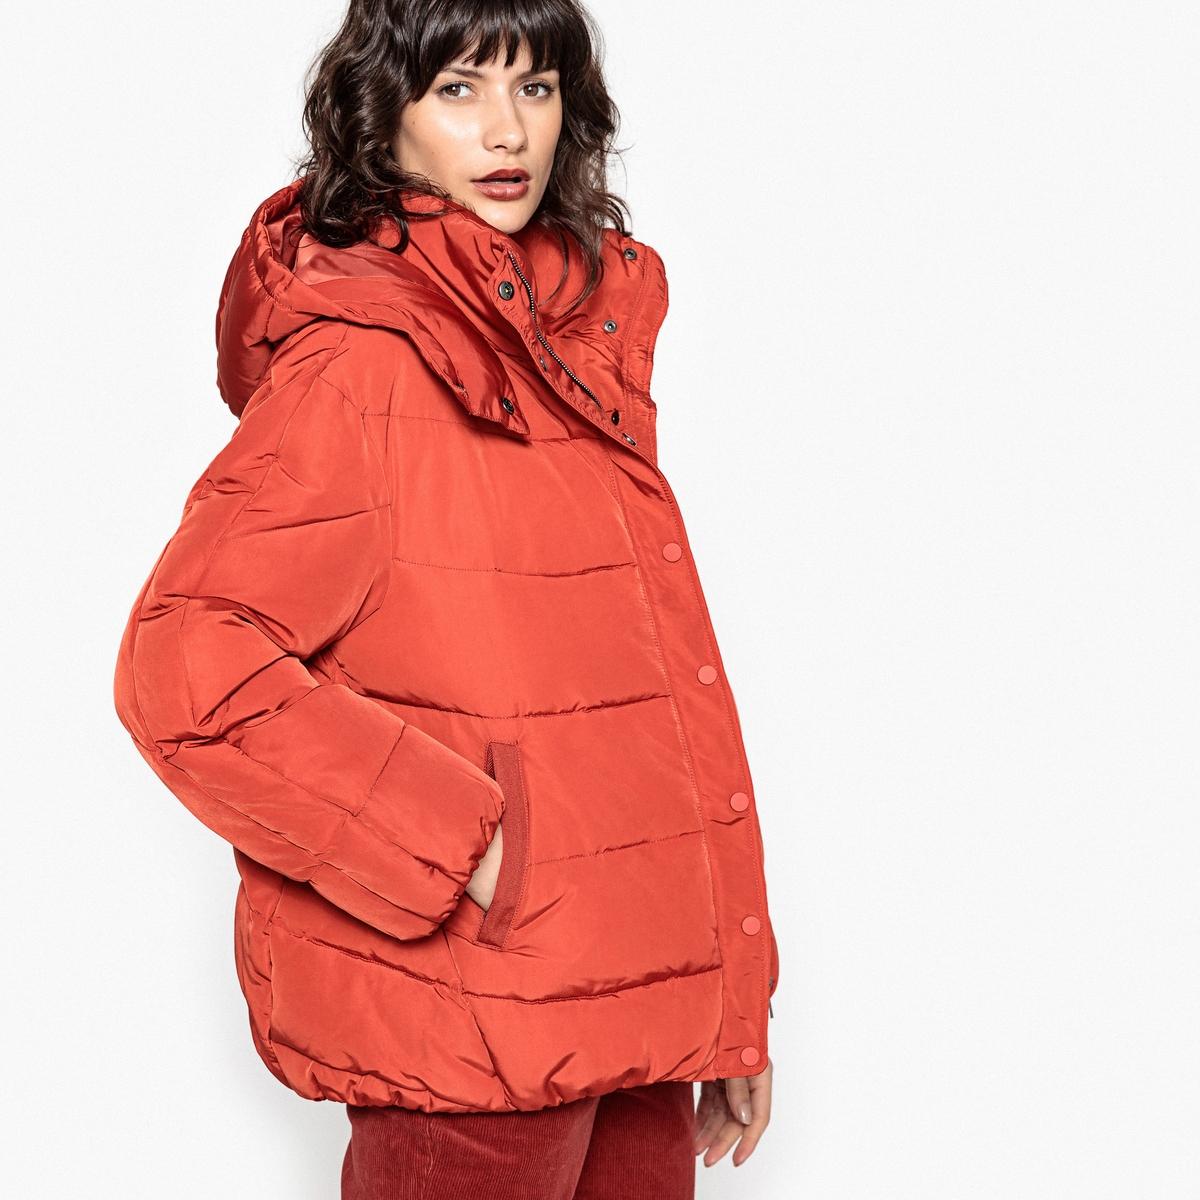 Куртка стеганая с капюшономЭта теплая и модная стеганая куртка не даст вам замерзнуть этой зимой . Невероятно комфортная и теплая куртка, отличный выбор для прогулок в городе или на уикэнд .Детали •  Длина : укороченная •  Воротник-стойка •  Застежка на молниюСостав и уход •  100% полиэстер • Не стирать •  Деликатная чистка/без отбеливателей •  Не использовать барабанную сушку   •  Не гладить •  Длина : 68 см.<br><br>Цвет: красный/ кирпичный,слоновая кость,черный<br>Размер: 34 (FR) - 40 (RUS).50 (FR) - 56 (RUS).44 (FR) - 50 (RUS).42 (FR) - 48 (RUS).40 (FR) - 46 (RUS).38 (FR) - 44 (RUS).36 (FR) - 42 (RUS).34 (FR) - 40 (RUS).44 (FR) - 50 (RUS).36 (FR) - 42 (RUS).34 (FR) - 40 (RUS).36 (FR) - 42 (RUS).46 (FR) - 52 (RUS)